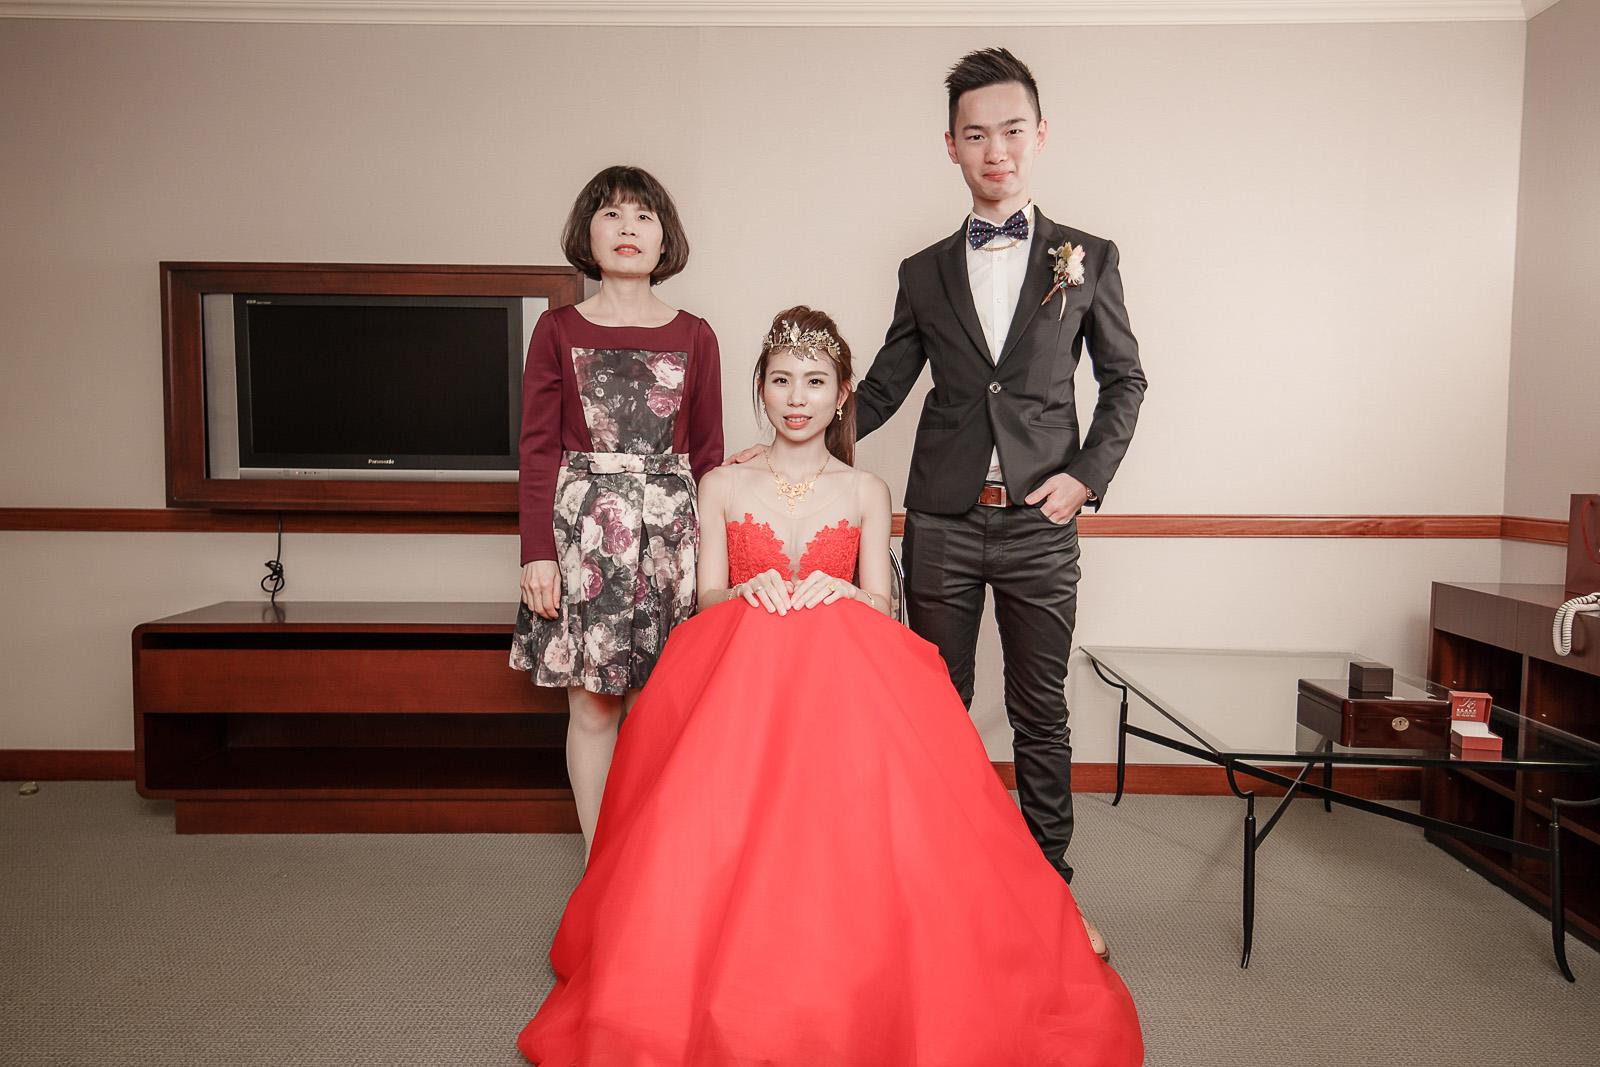 高雄圓山飯店,婚禮攝影,婚攝,高雄婚攝,優質婚攝推薦,Jen&Ethan-046